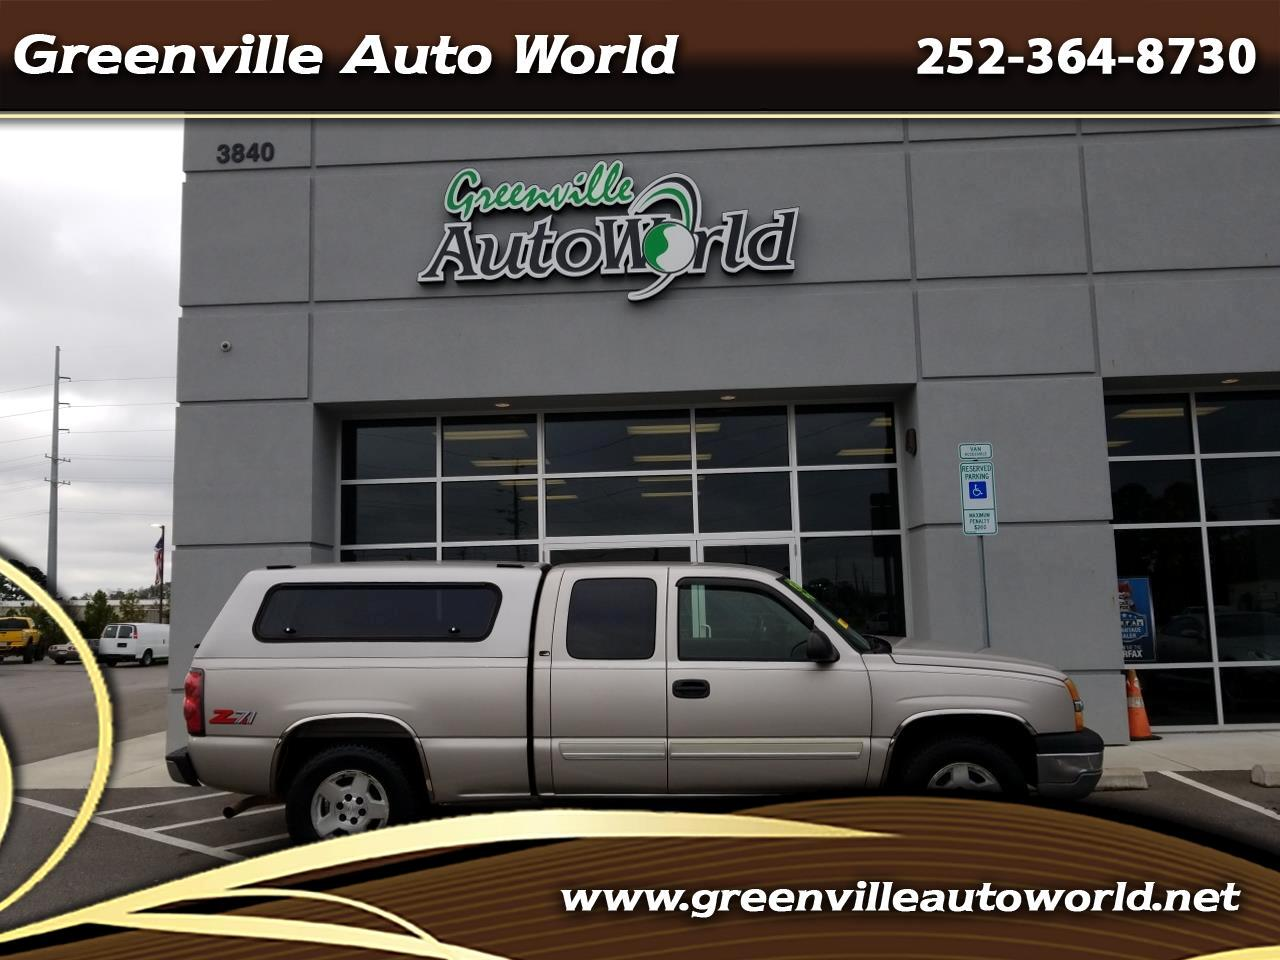 2005 Chevrolet Silverado 1500 1LT Double Cab 4WD